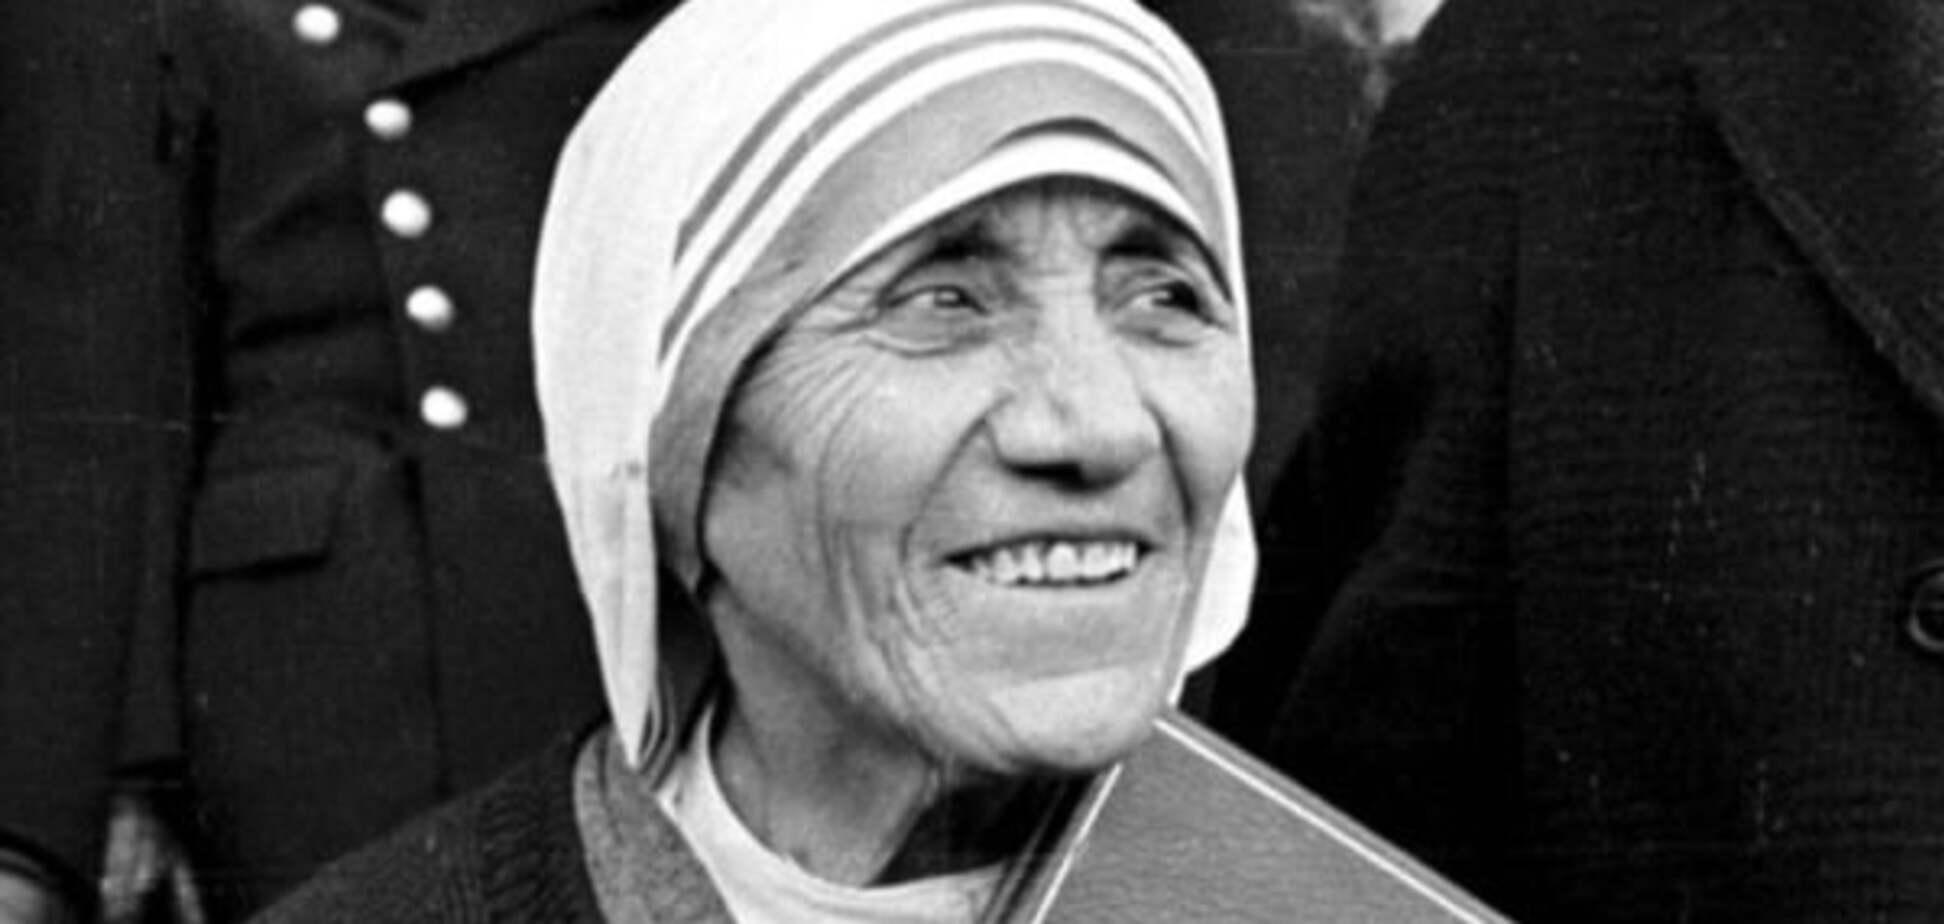 Признанная святость: Мать Терезу канонизируют в 2016 году